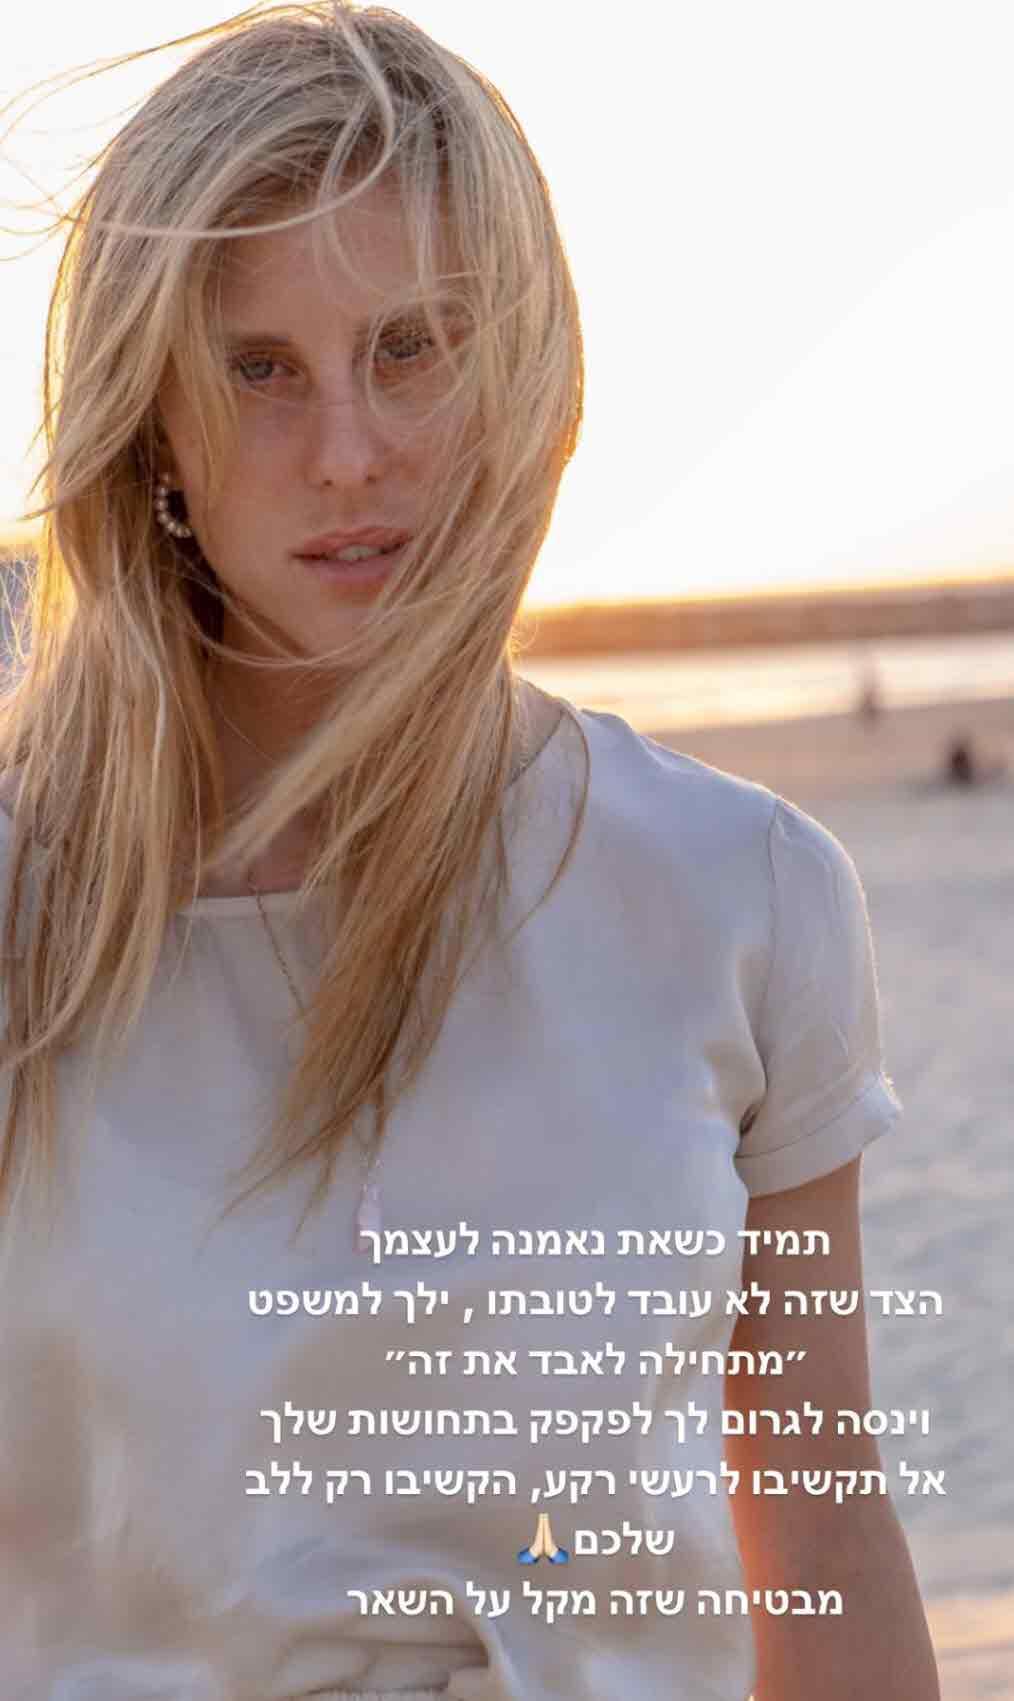 אלינה לוי מגיבה לאסי בוזגלו